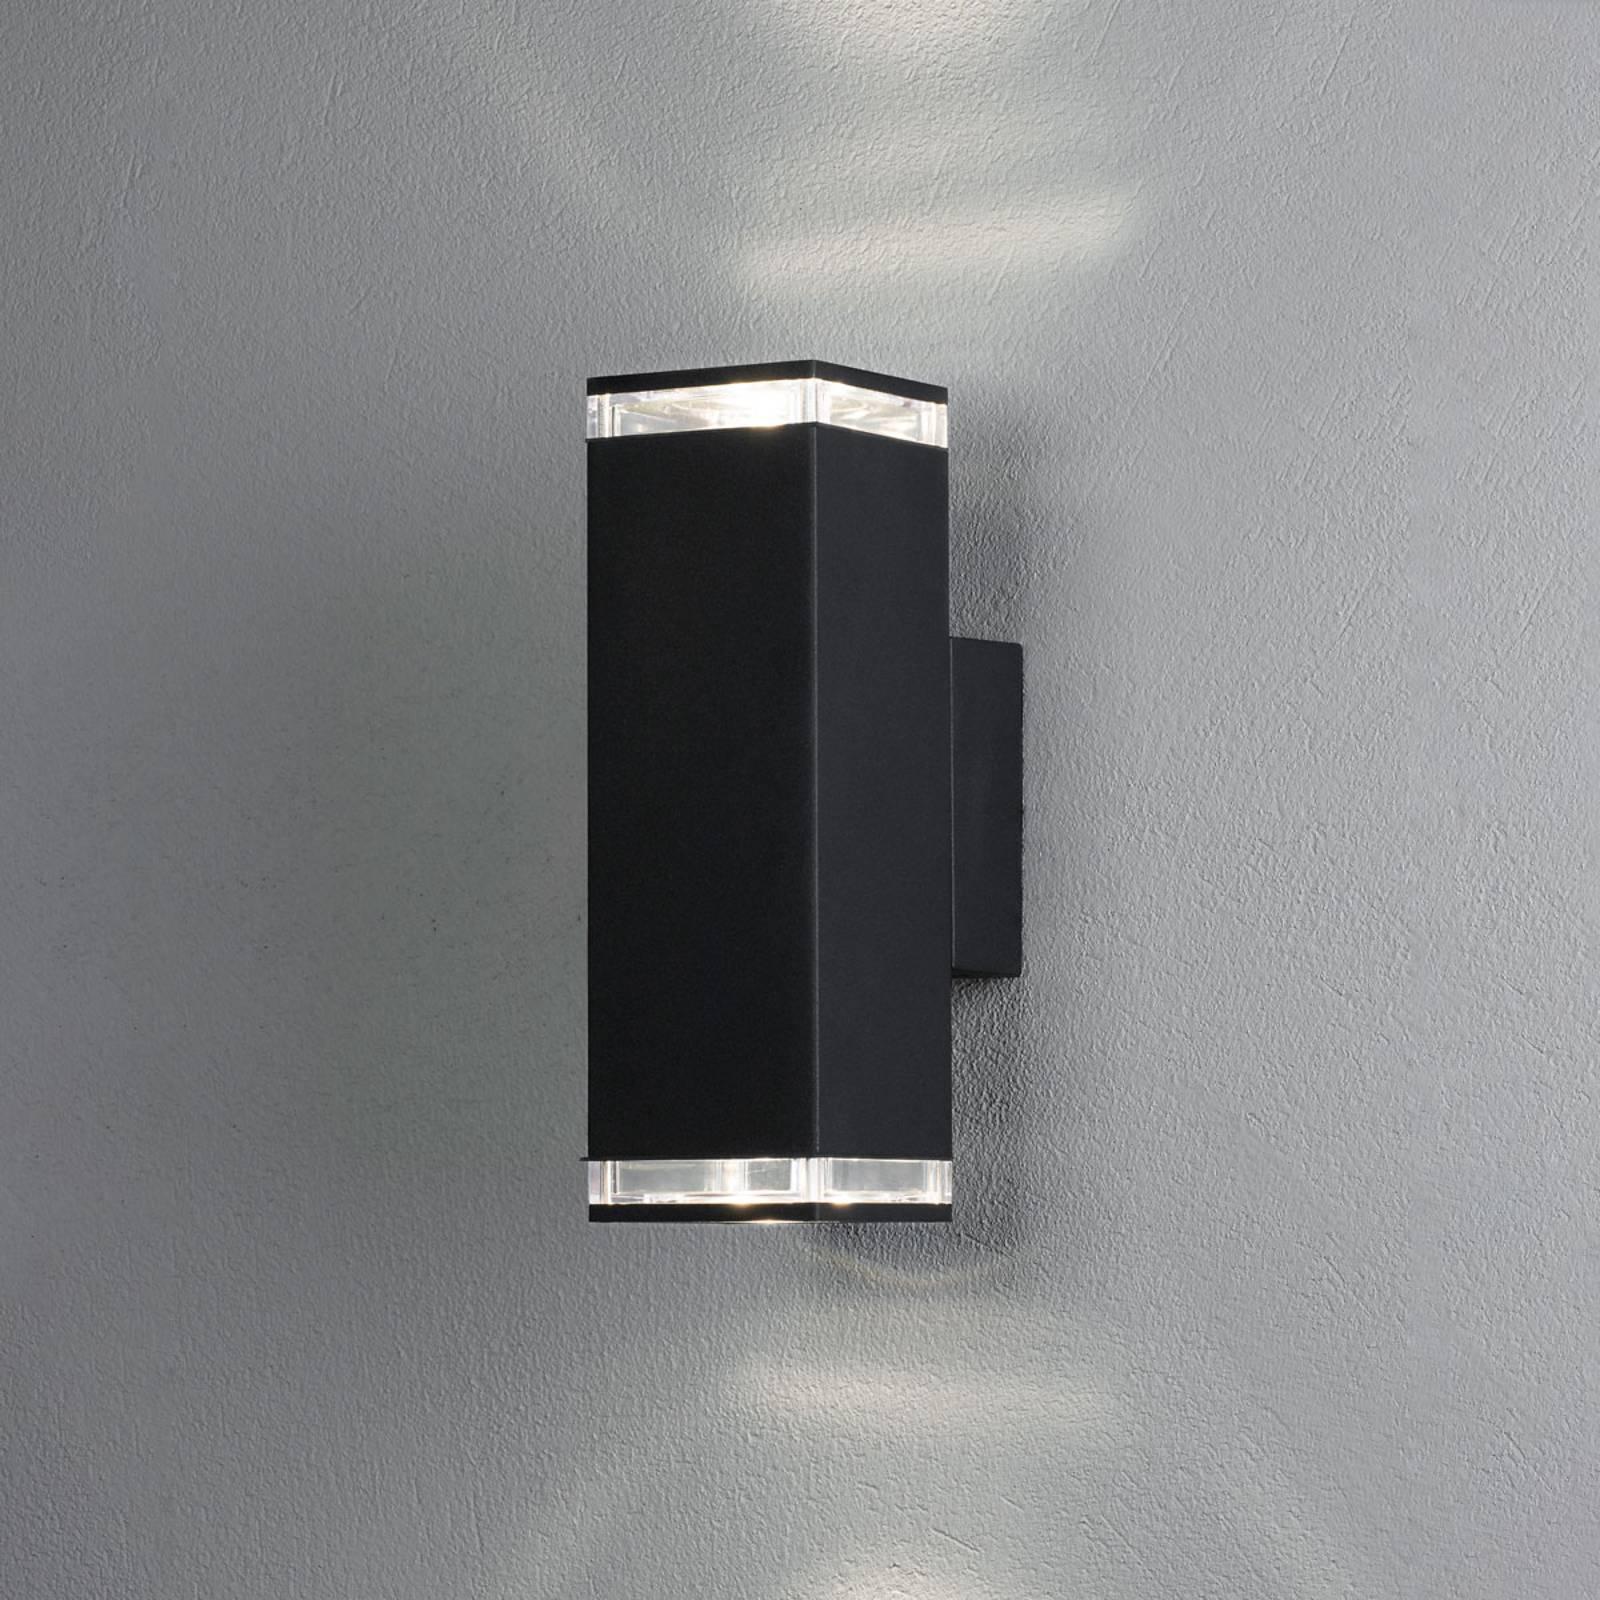 Ulkoseinälamppu Monza 2-lamppuinen korkeus 23,5 cm